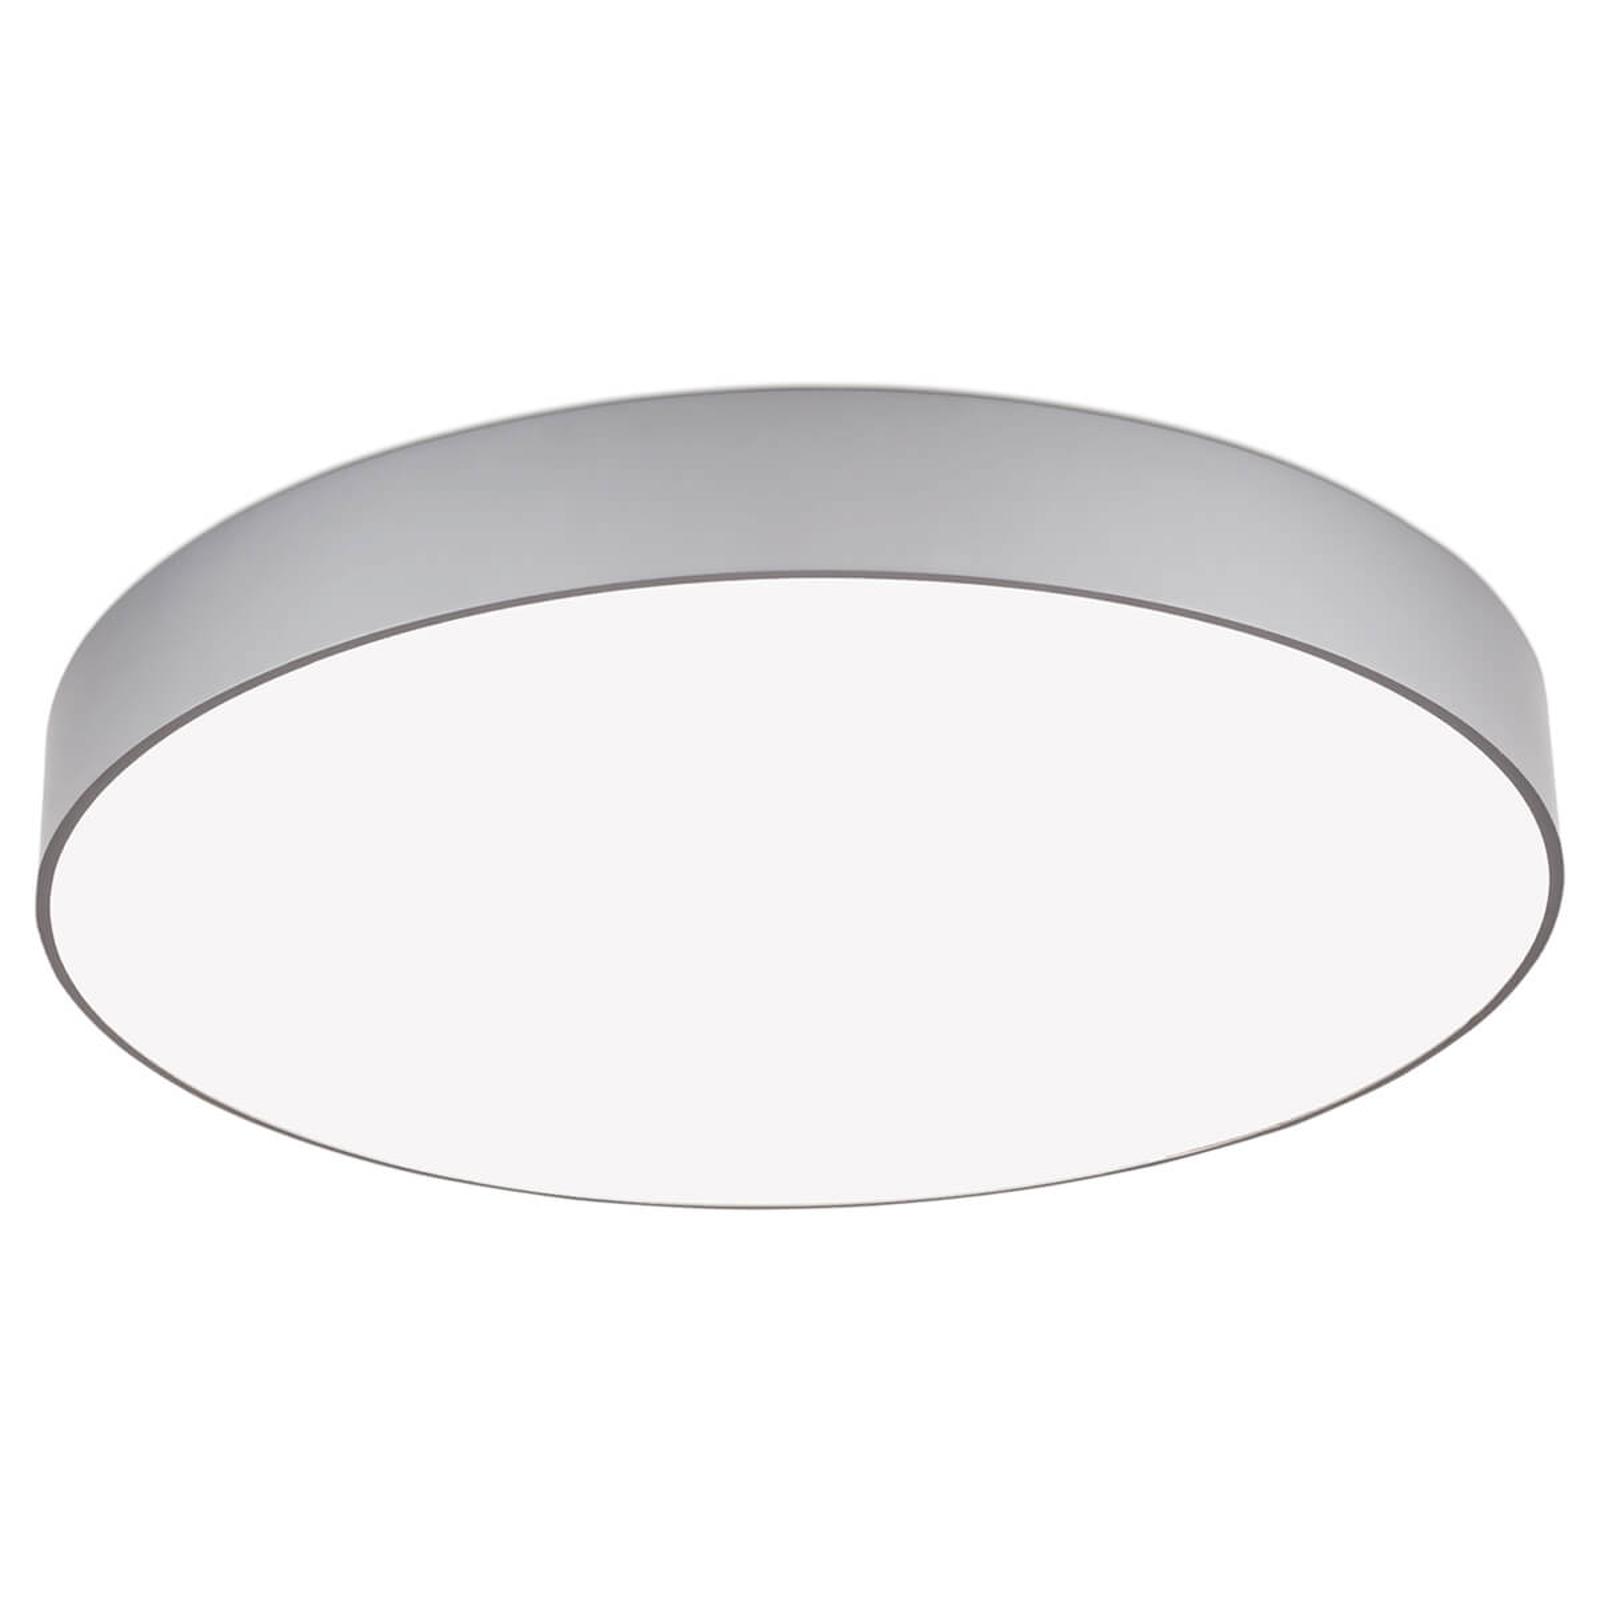 Ściemniana lampa sufitowa LED Egilo, 60 cm